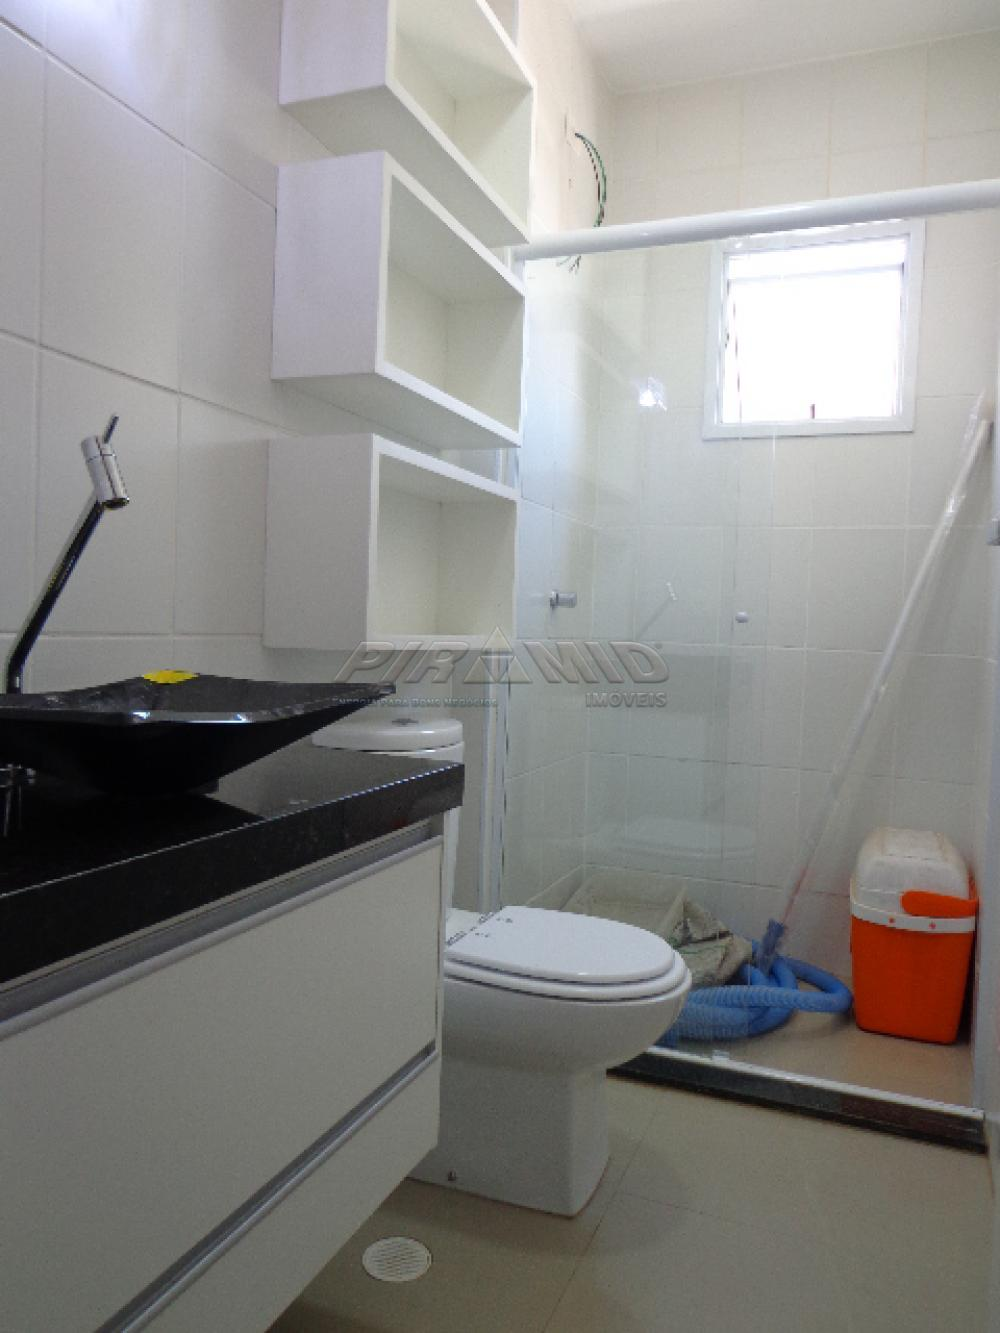 Alugar Casa / Condomínio em Ribeirão Preto apenas R$ 2.200,00 - Foto 18